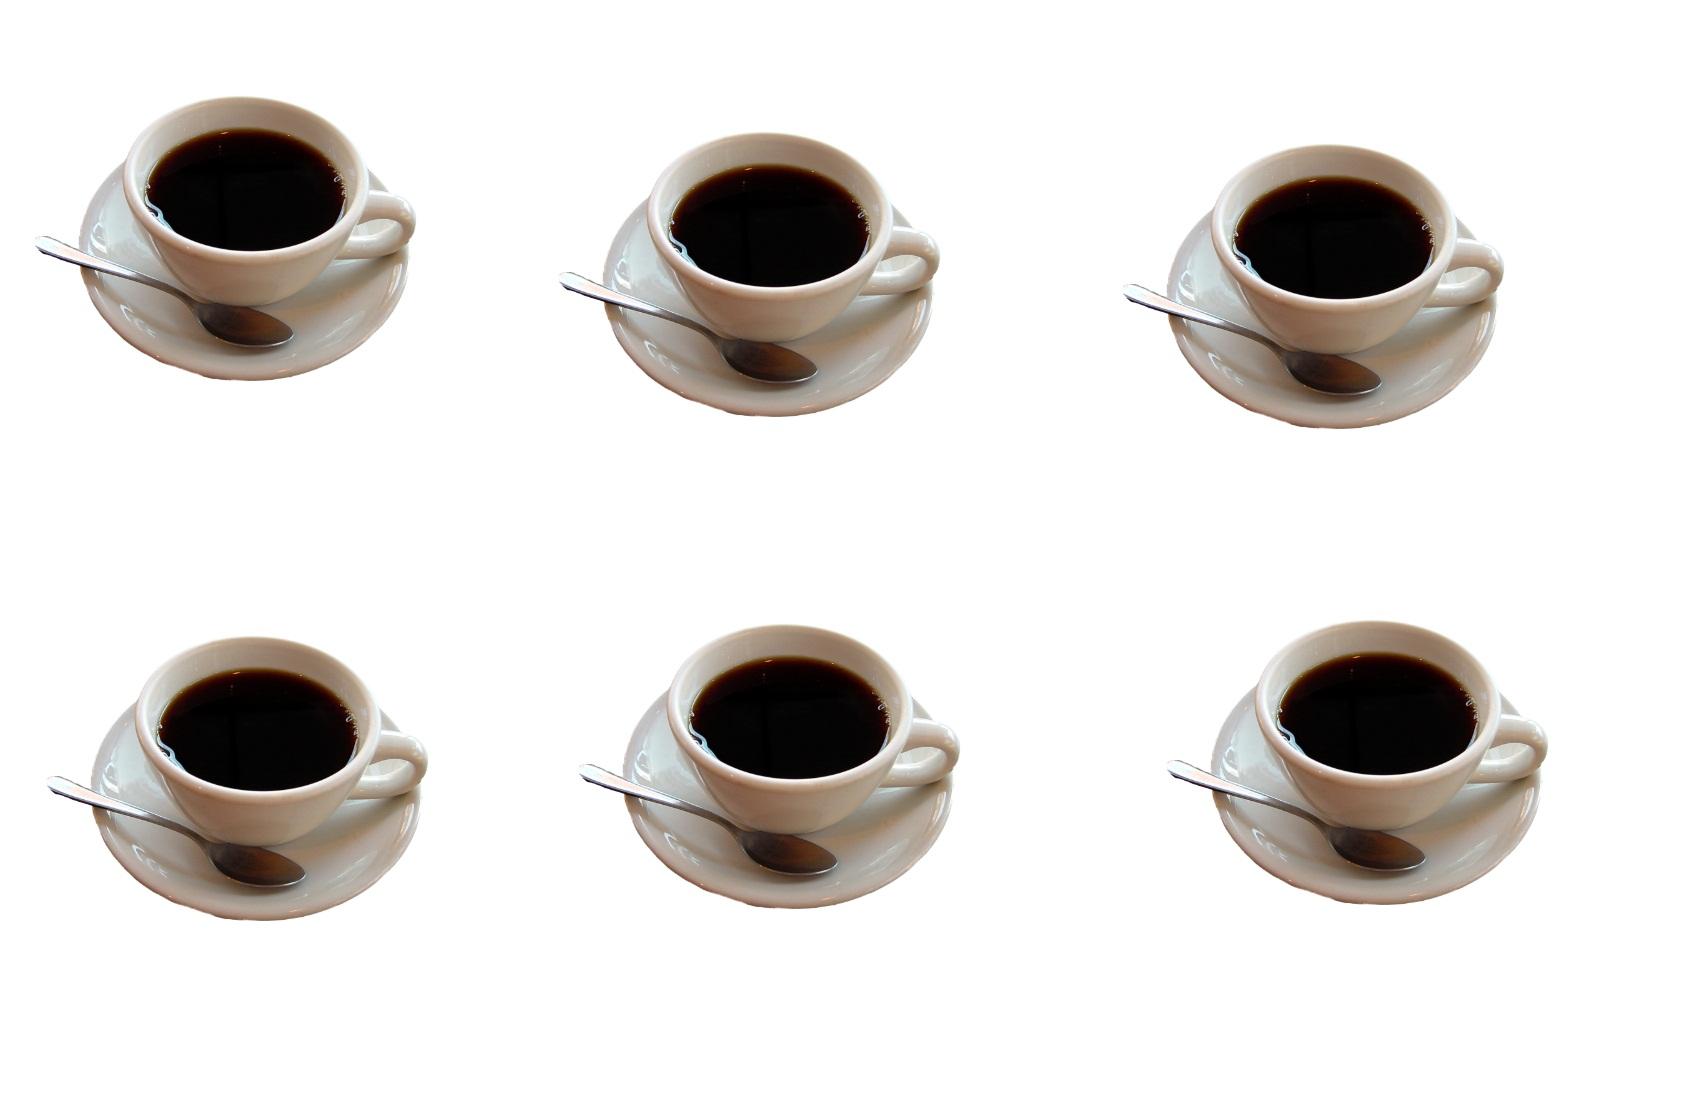 Zenbat kafe hartzen dituzu egunean?